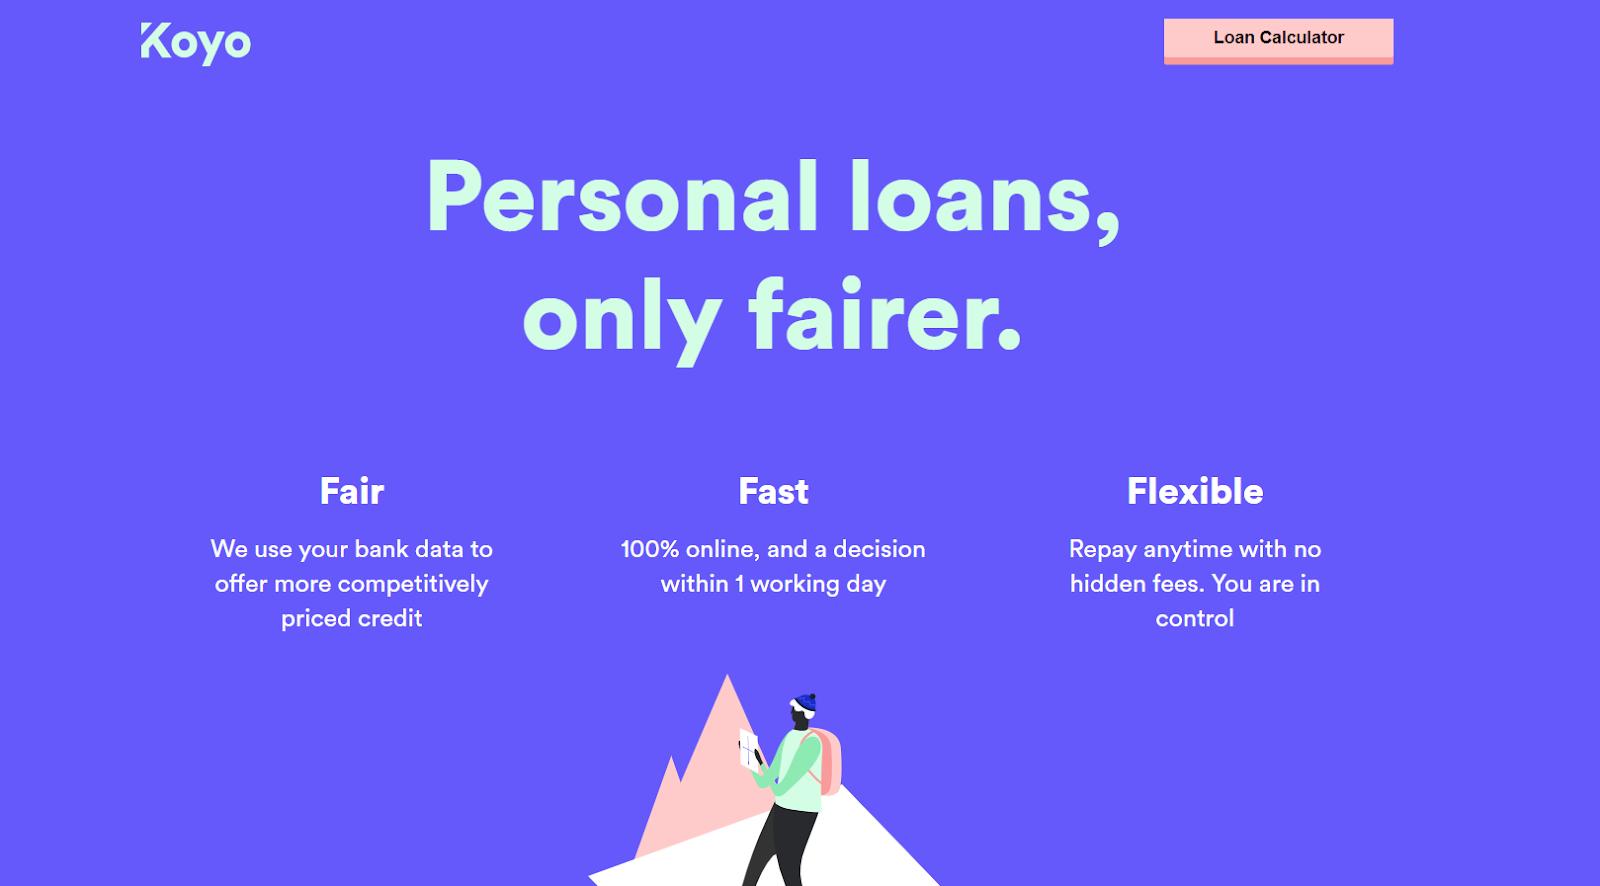 Koyo personal loans